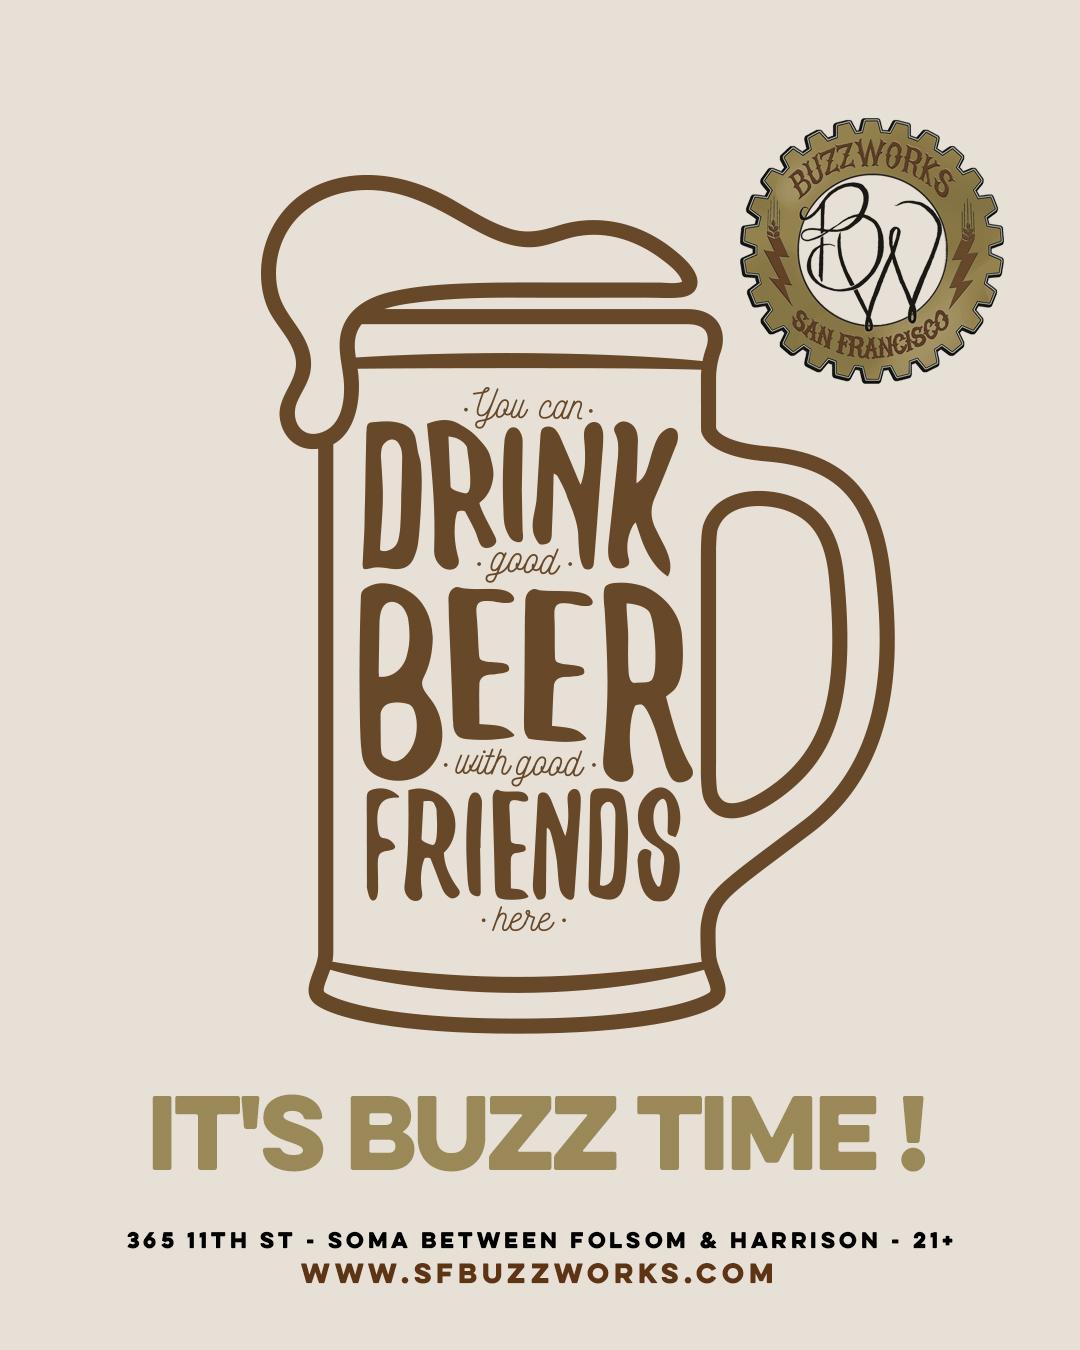 Drink Beer Friends.jpg